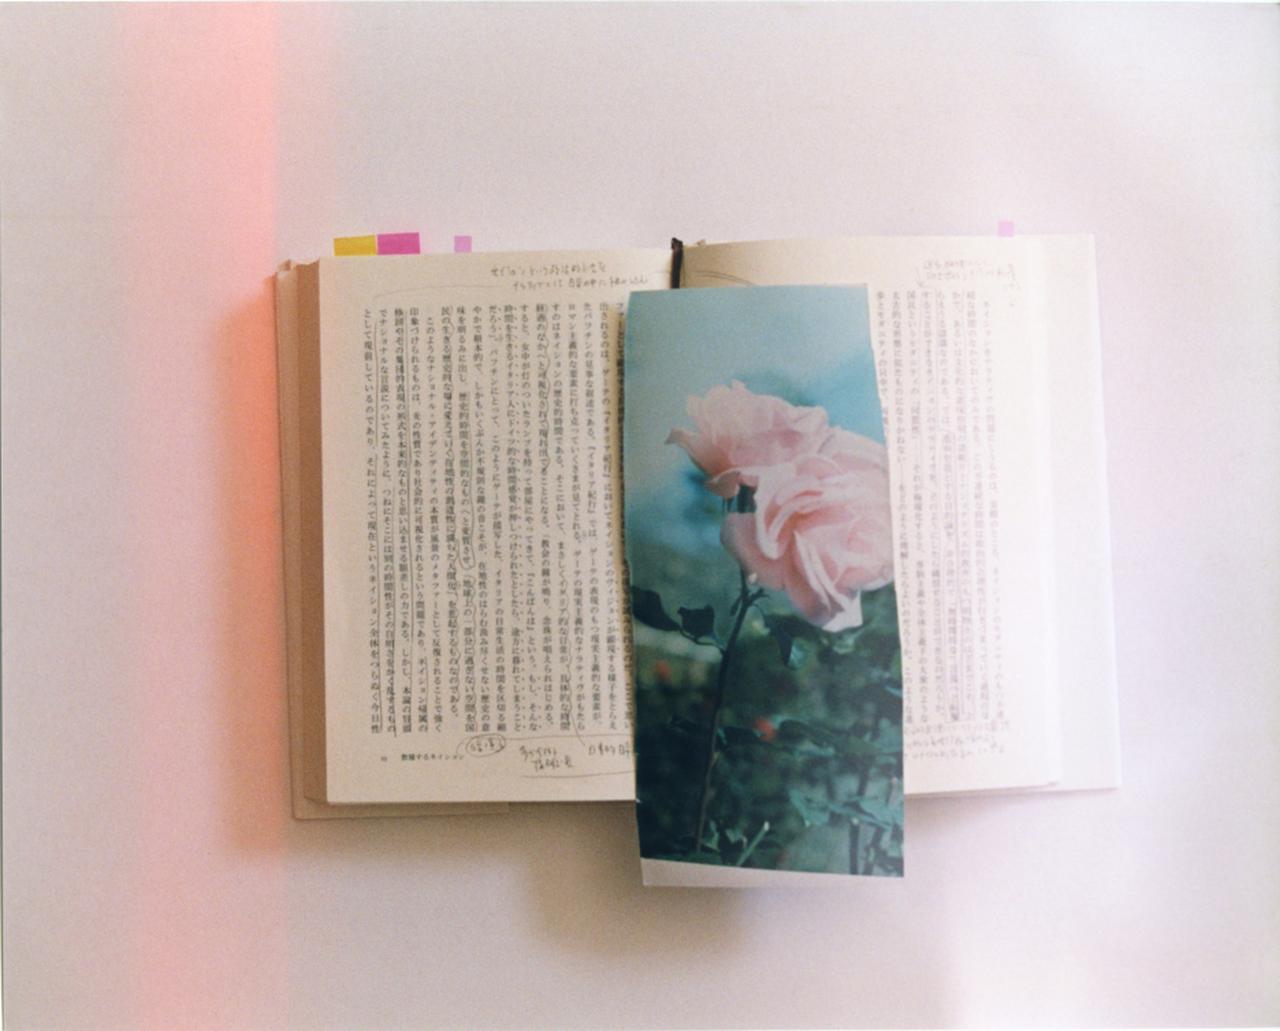 画像: 一之瀬 ちひろ 写真展 | 写真文化活動 | ニコンイメージング